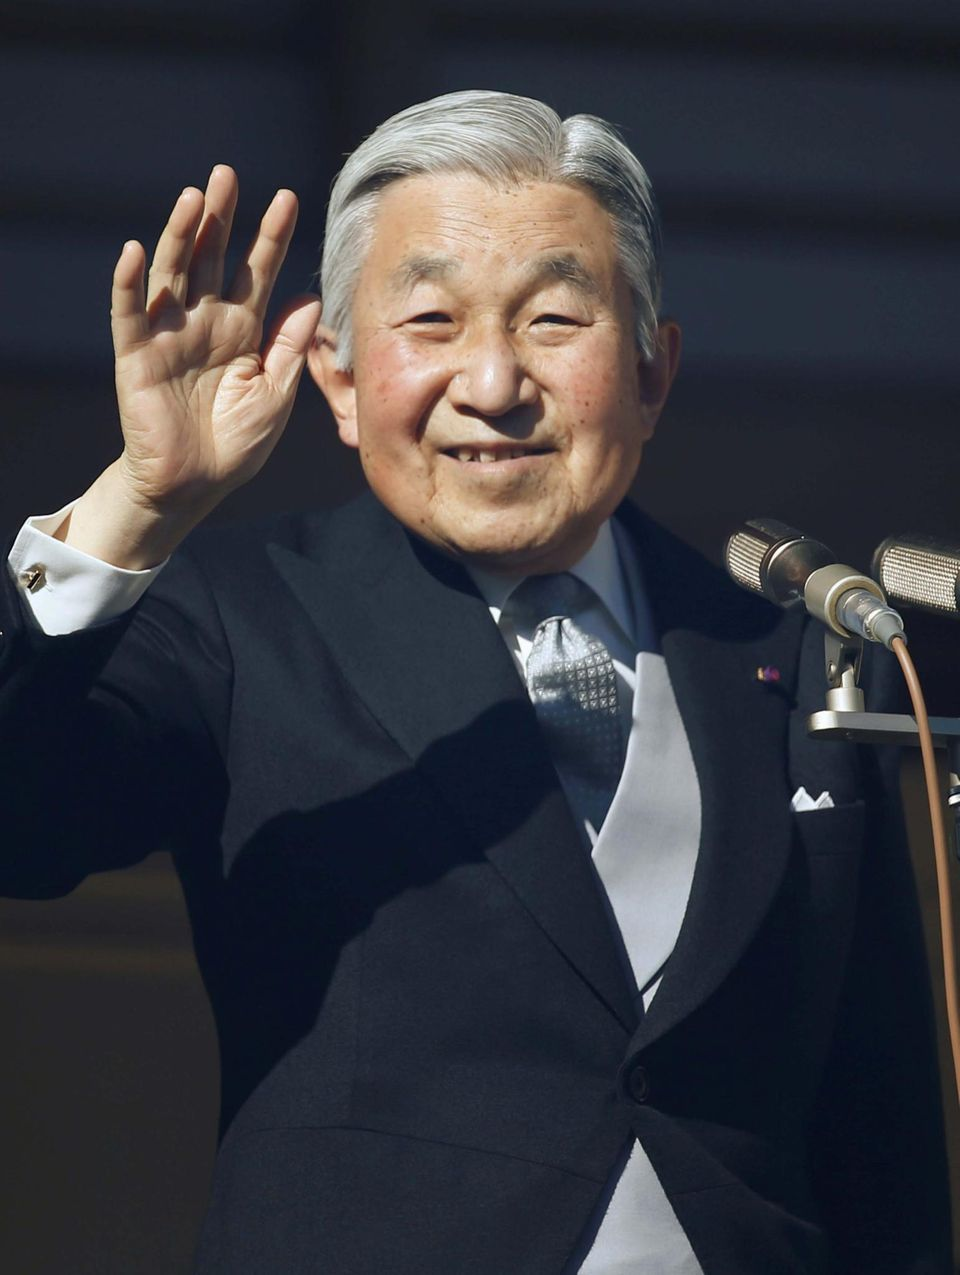 Kaiser Akihito bestieg 1989 den japanischen Chrysanthementhron. Sein Vater Hirohito war als 124. Tenno nach mehr als 60-jähriger Regierungszeit gestorben.